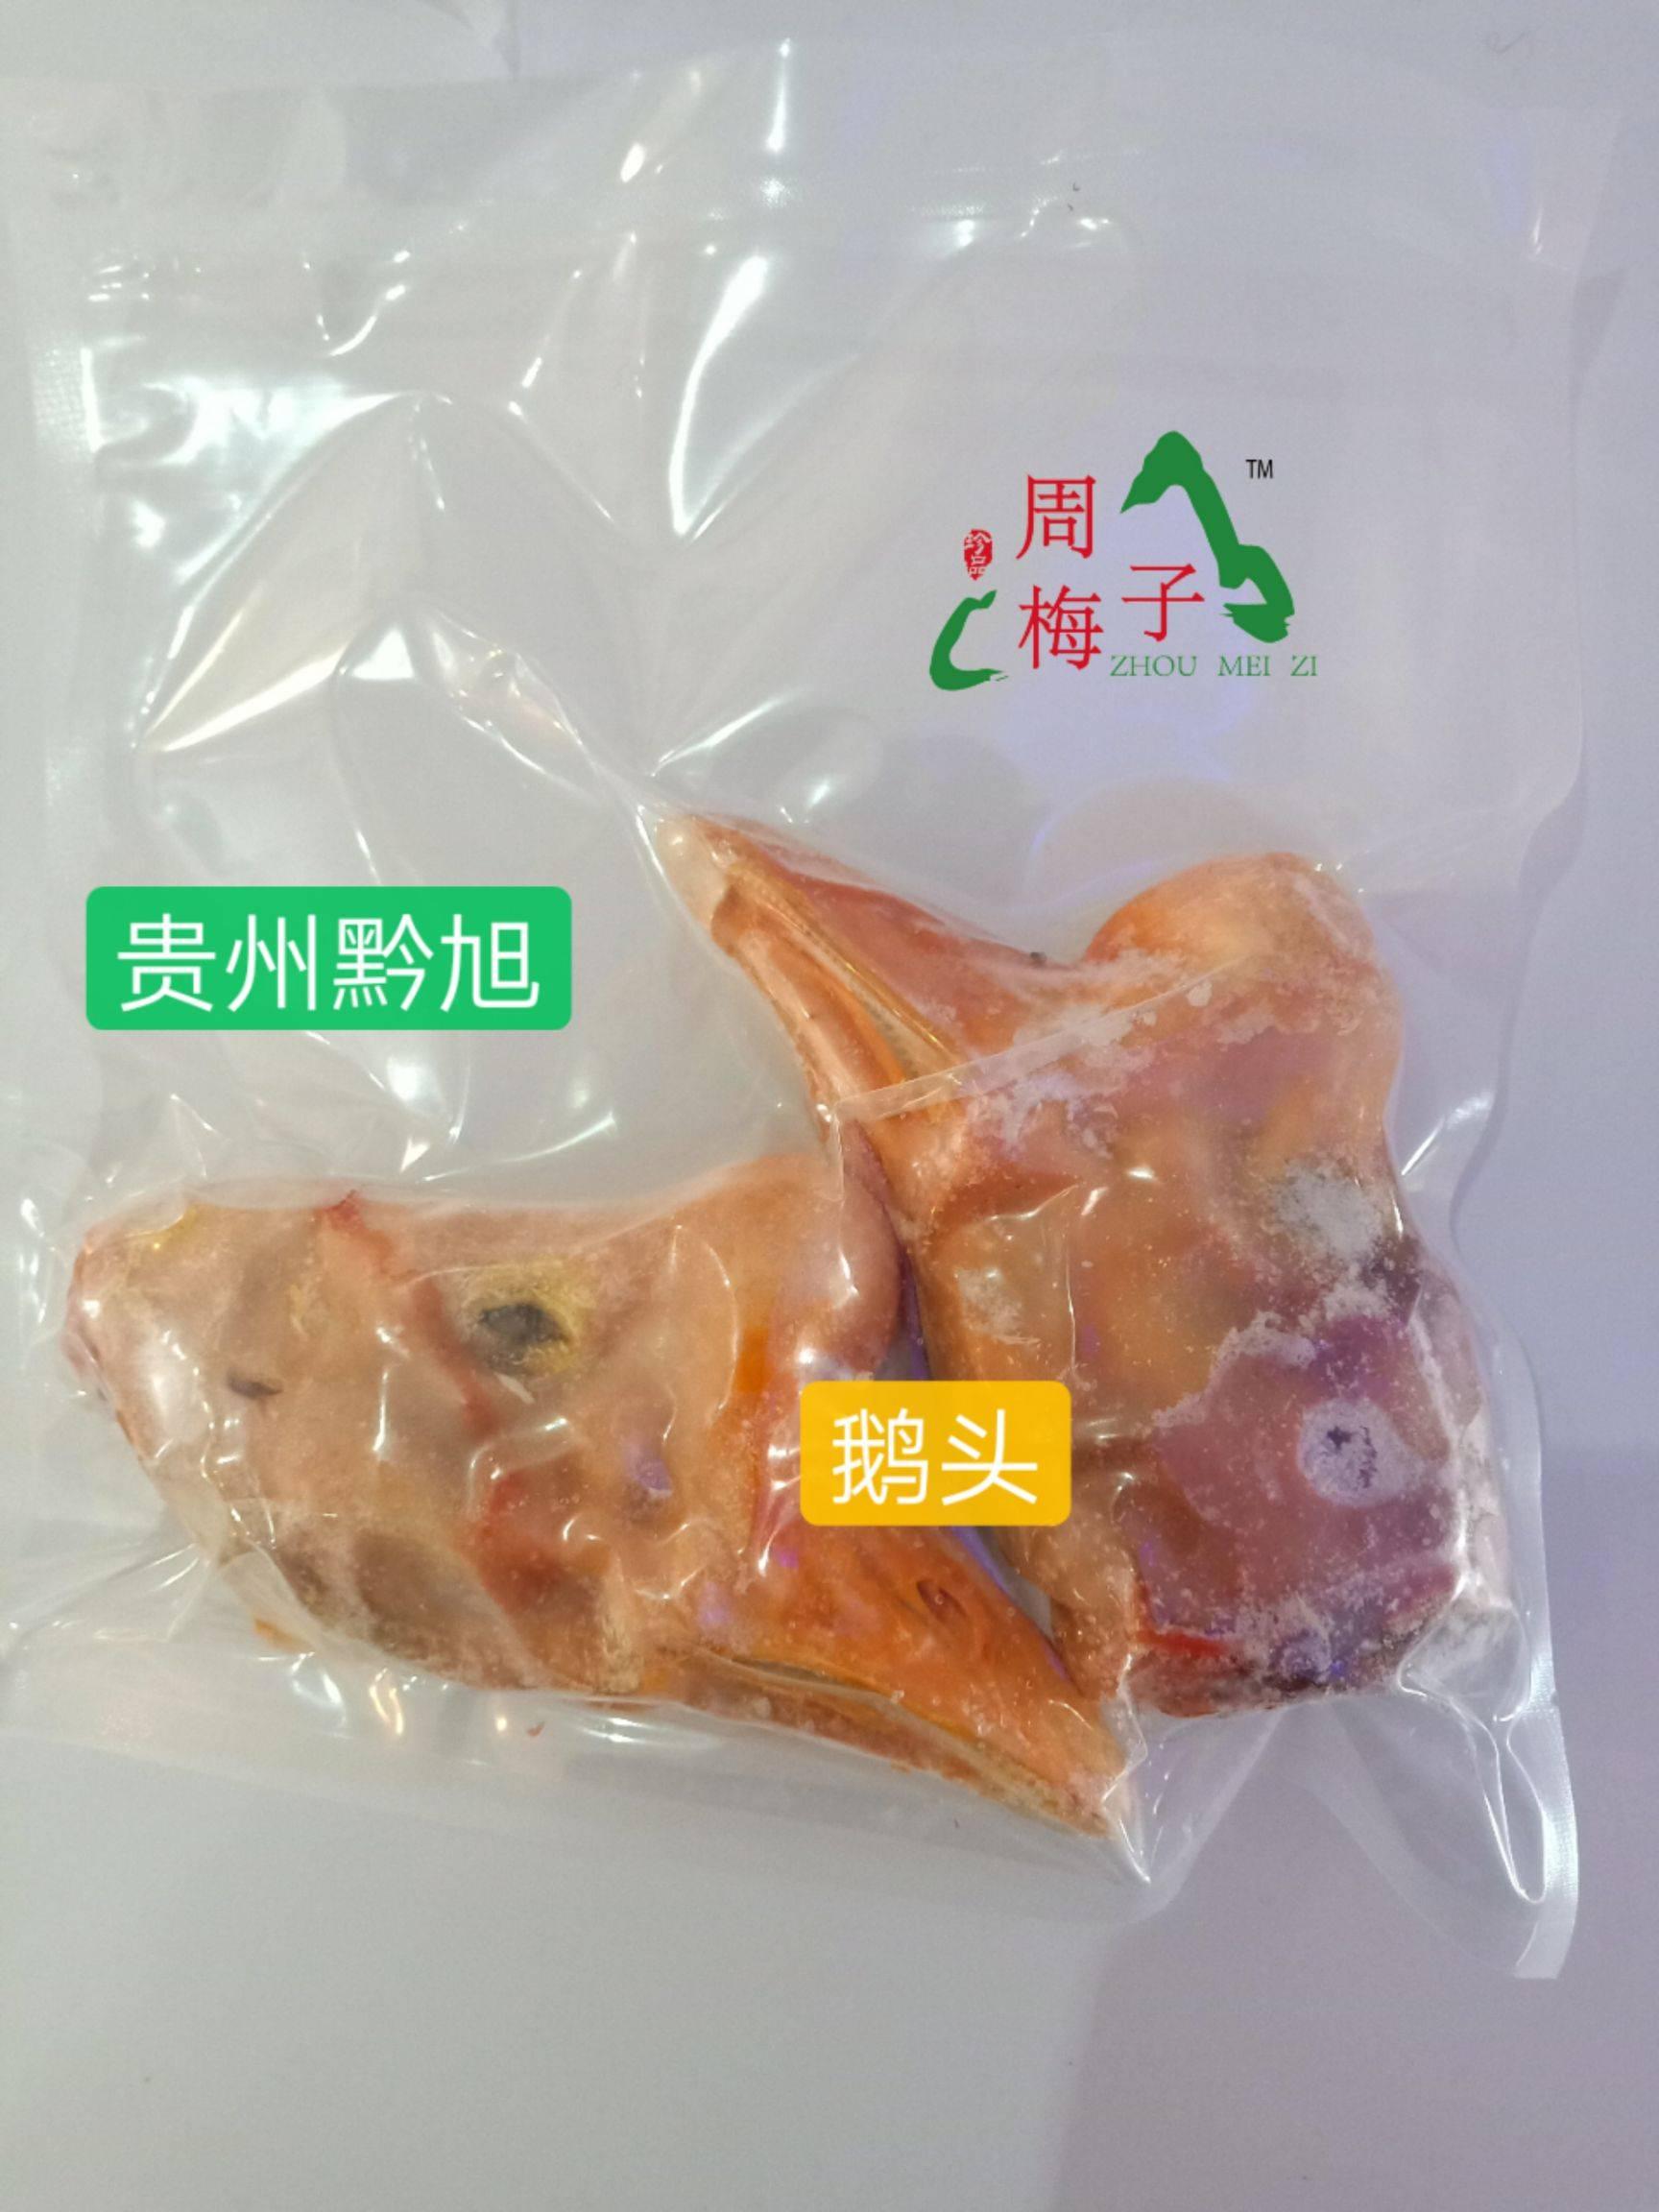 [鹅头批发] 发酵牧草生态鹅头价格30元/包